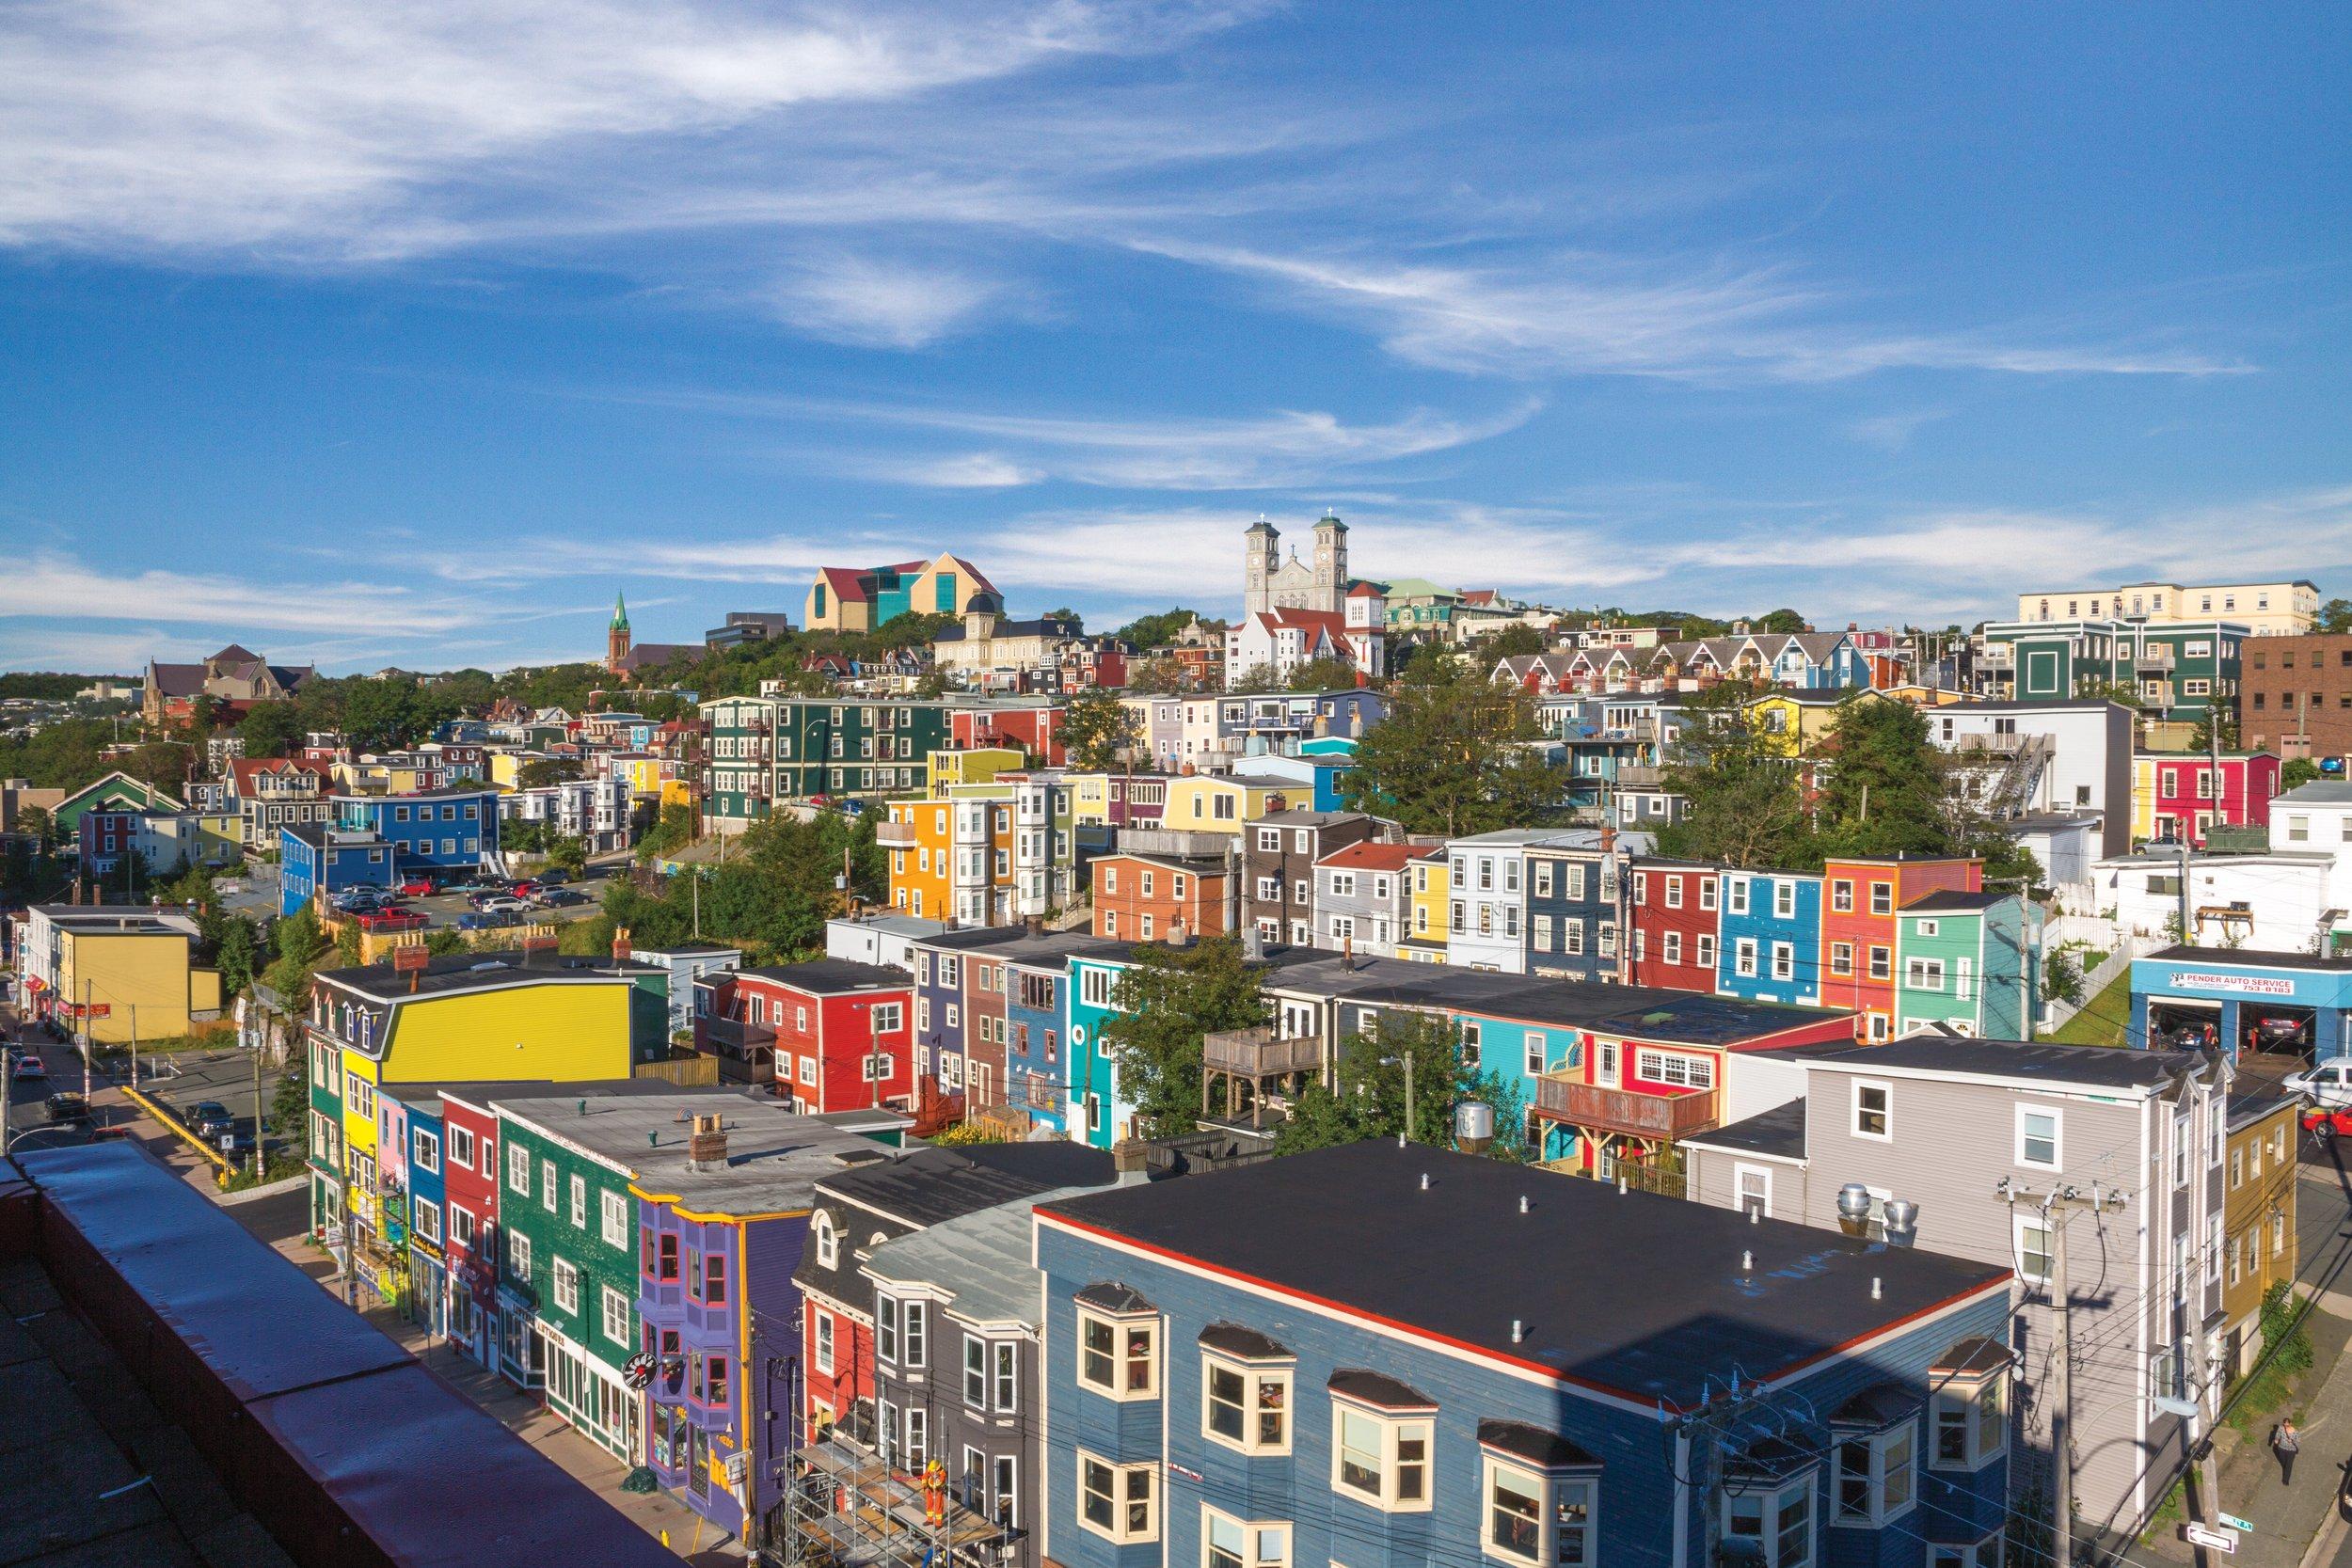 Barret & Mackay photo - Newfoundland & Labrador tourism